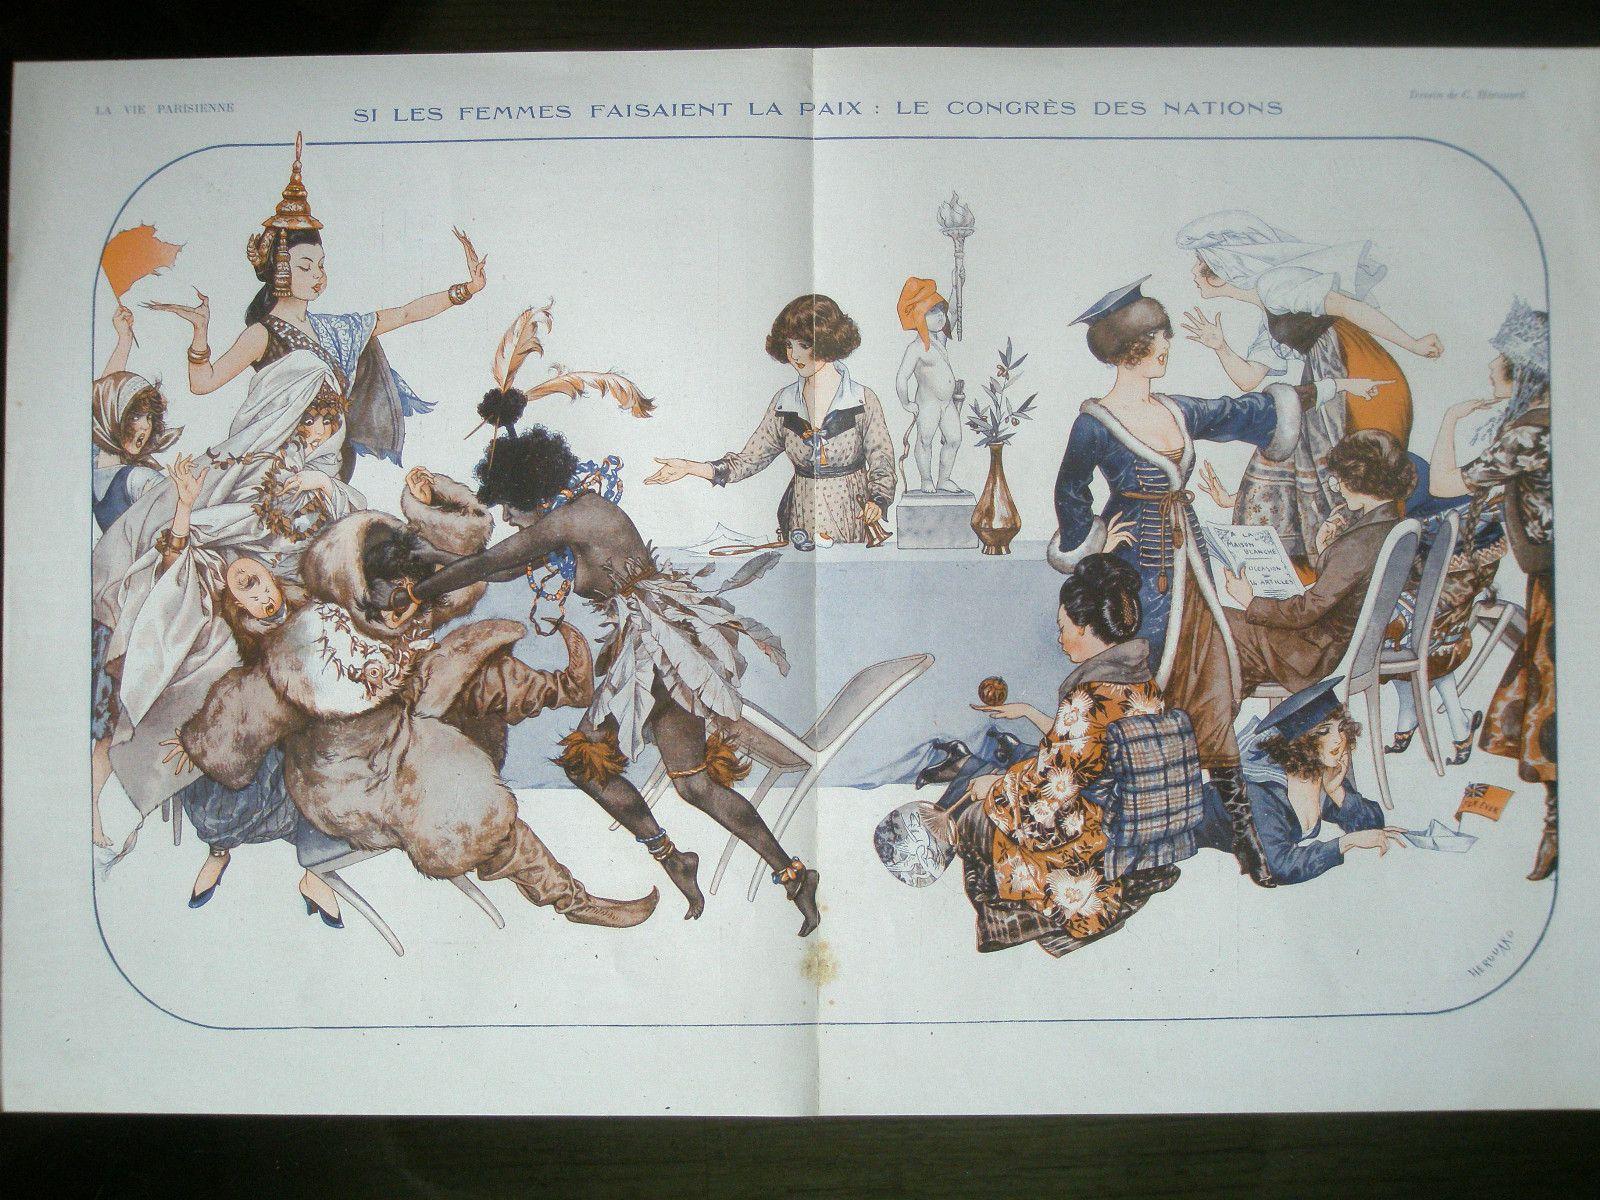 1919 La Vie Parisienne centerfold / eBay